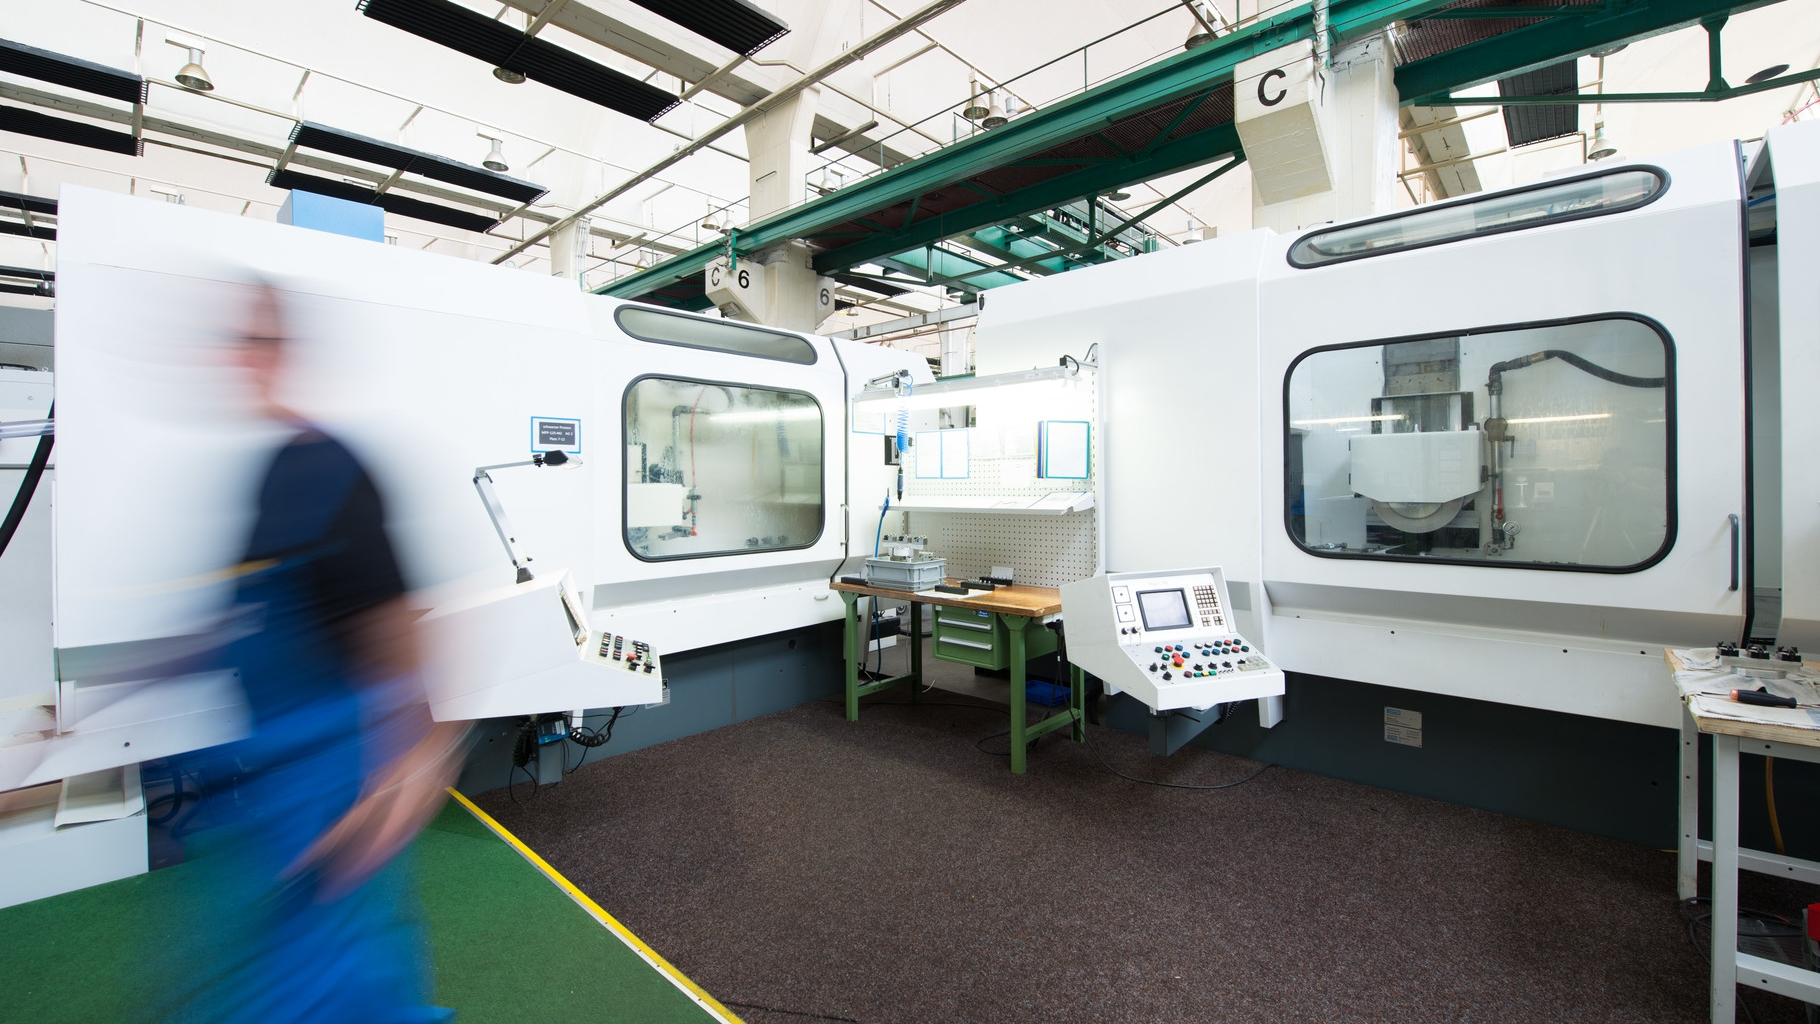 CNC-Schleifzentrum (Flach- und Profilschleifen)